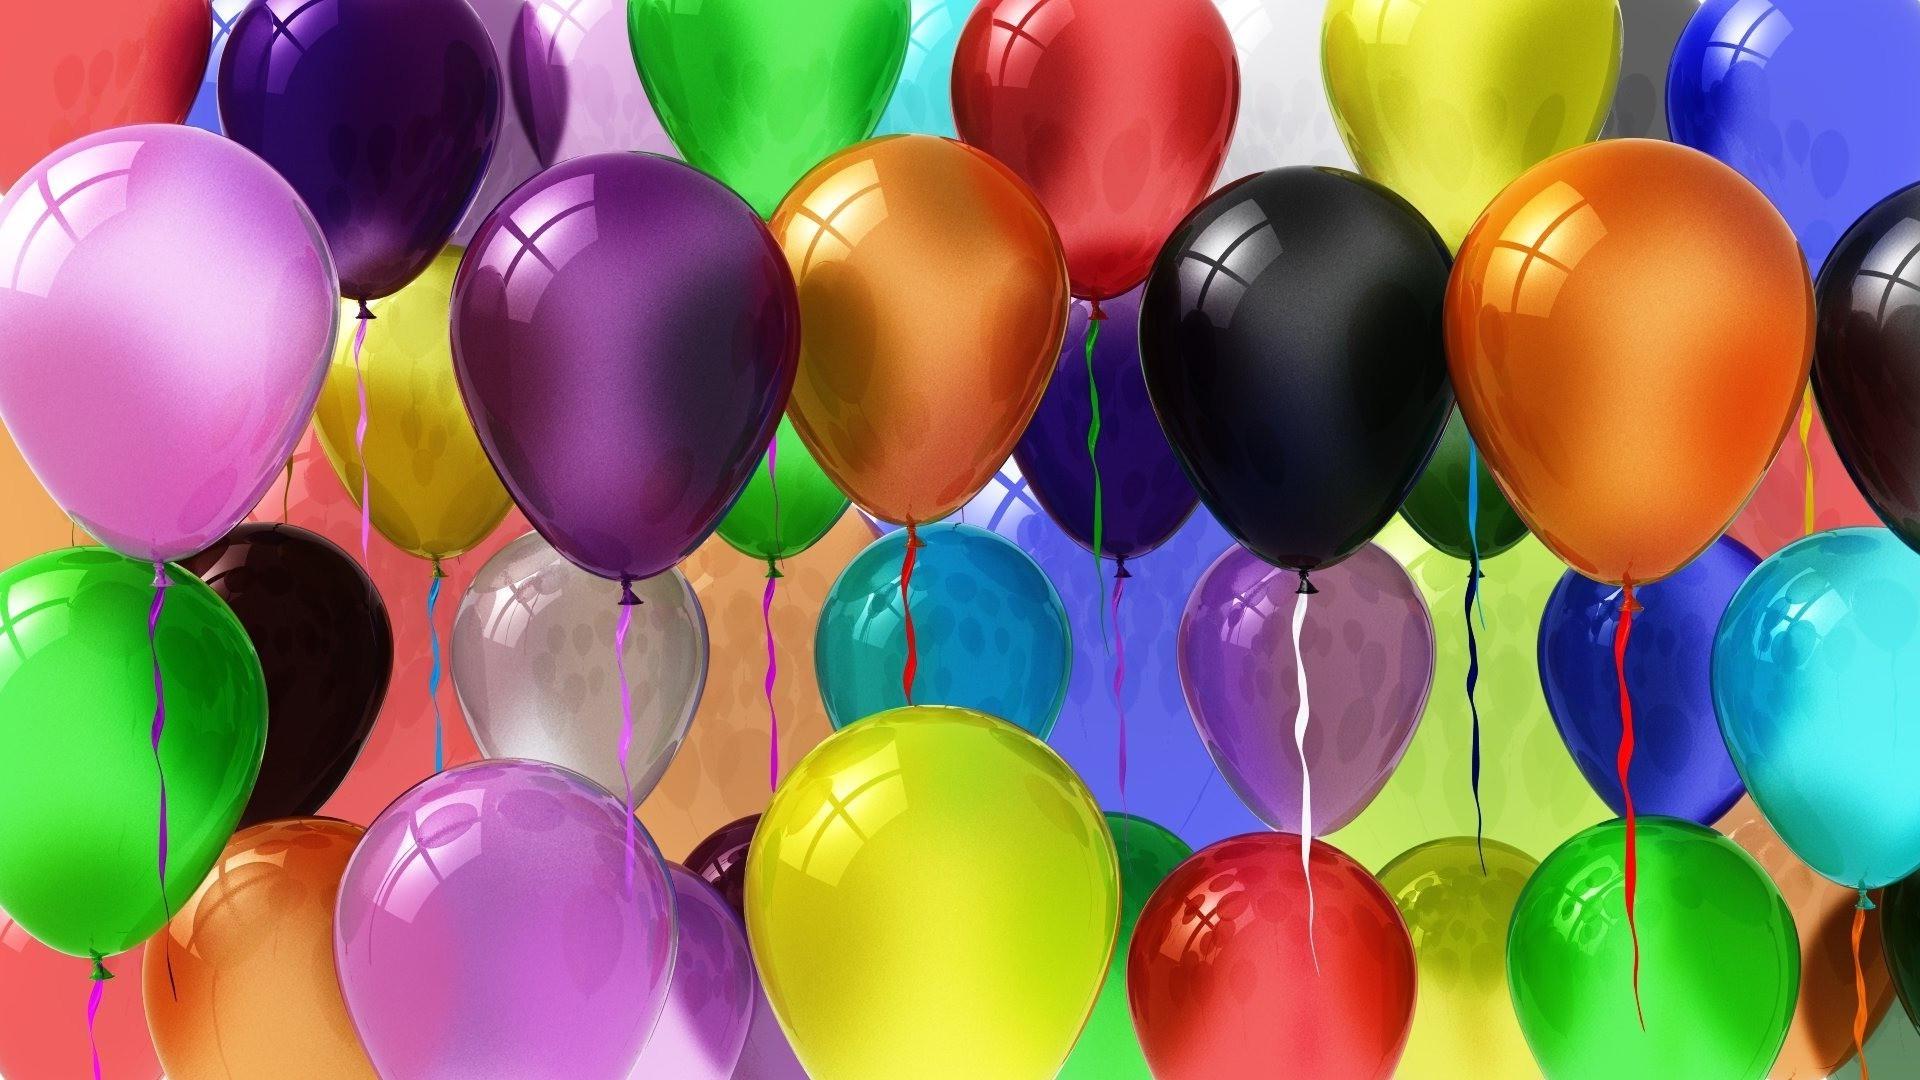 Заставка с днем рождения с поздравлением 9